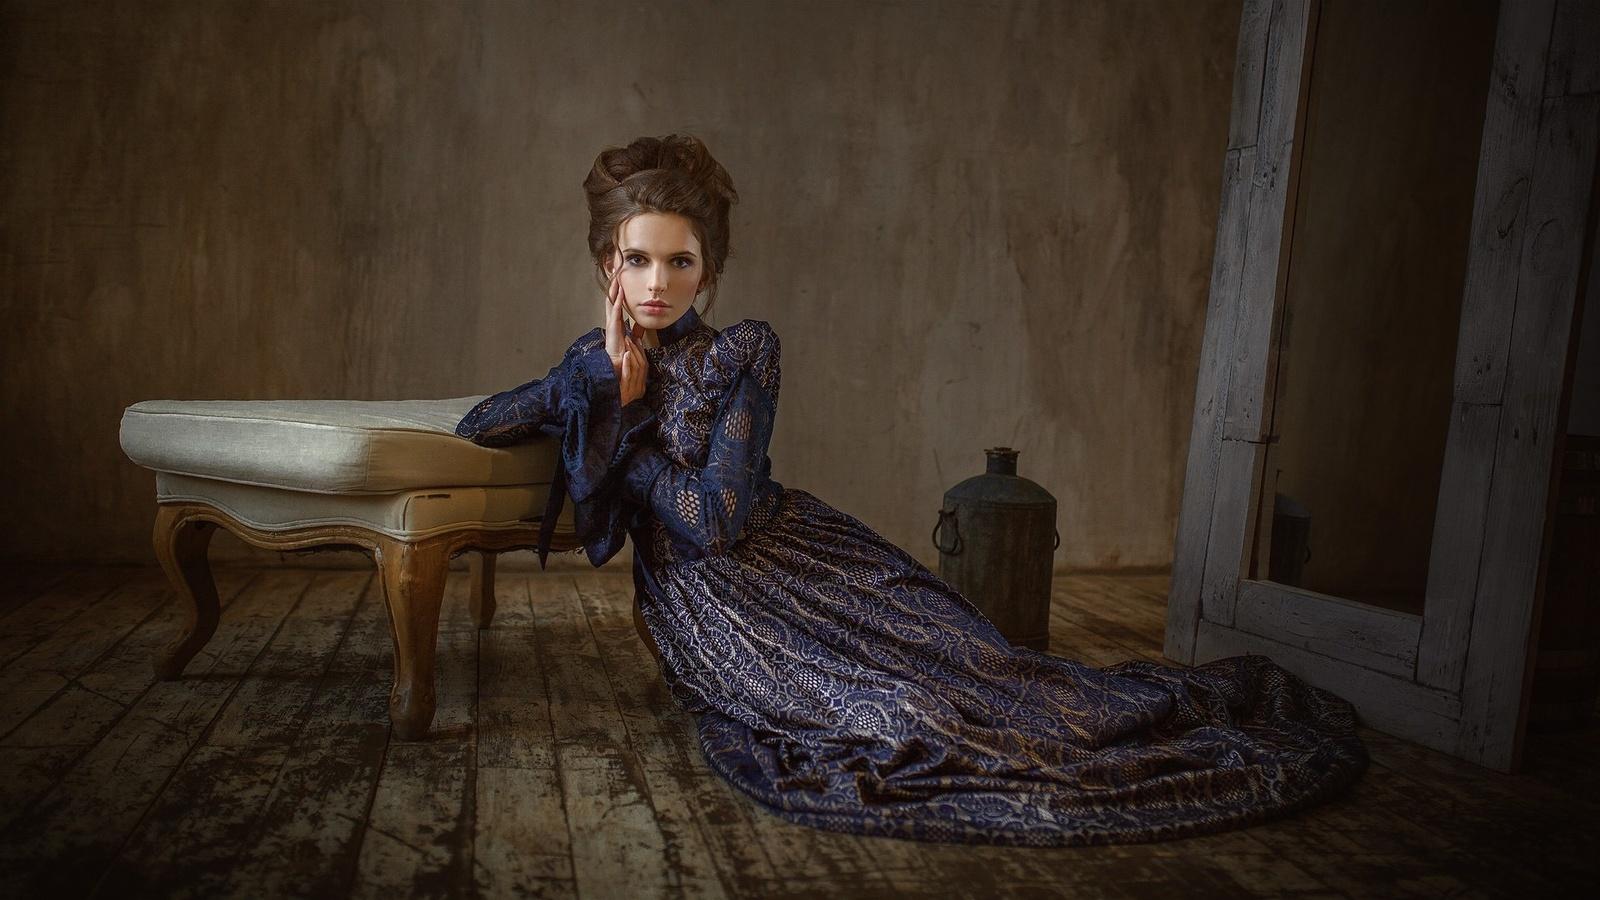 эко фотосессия в старинных платьях москва множество